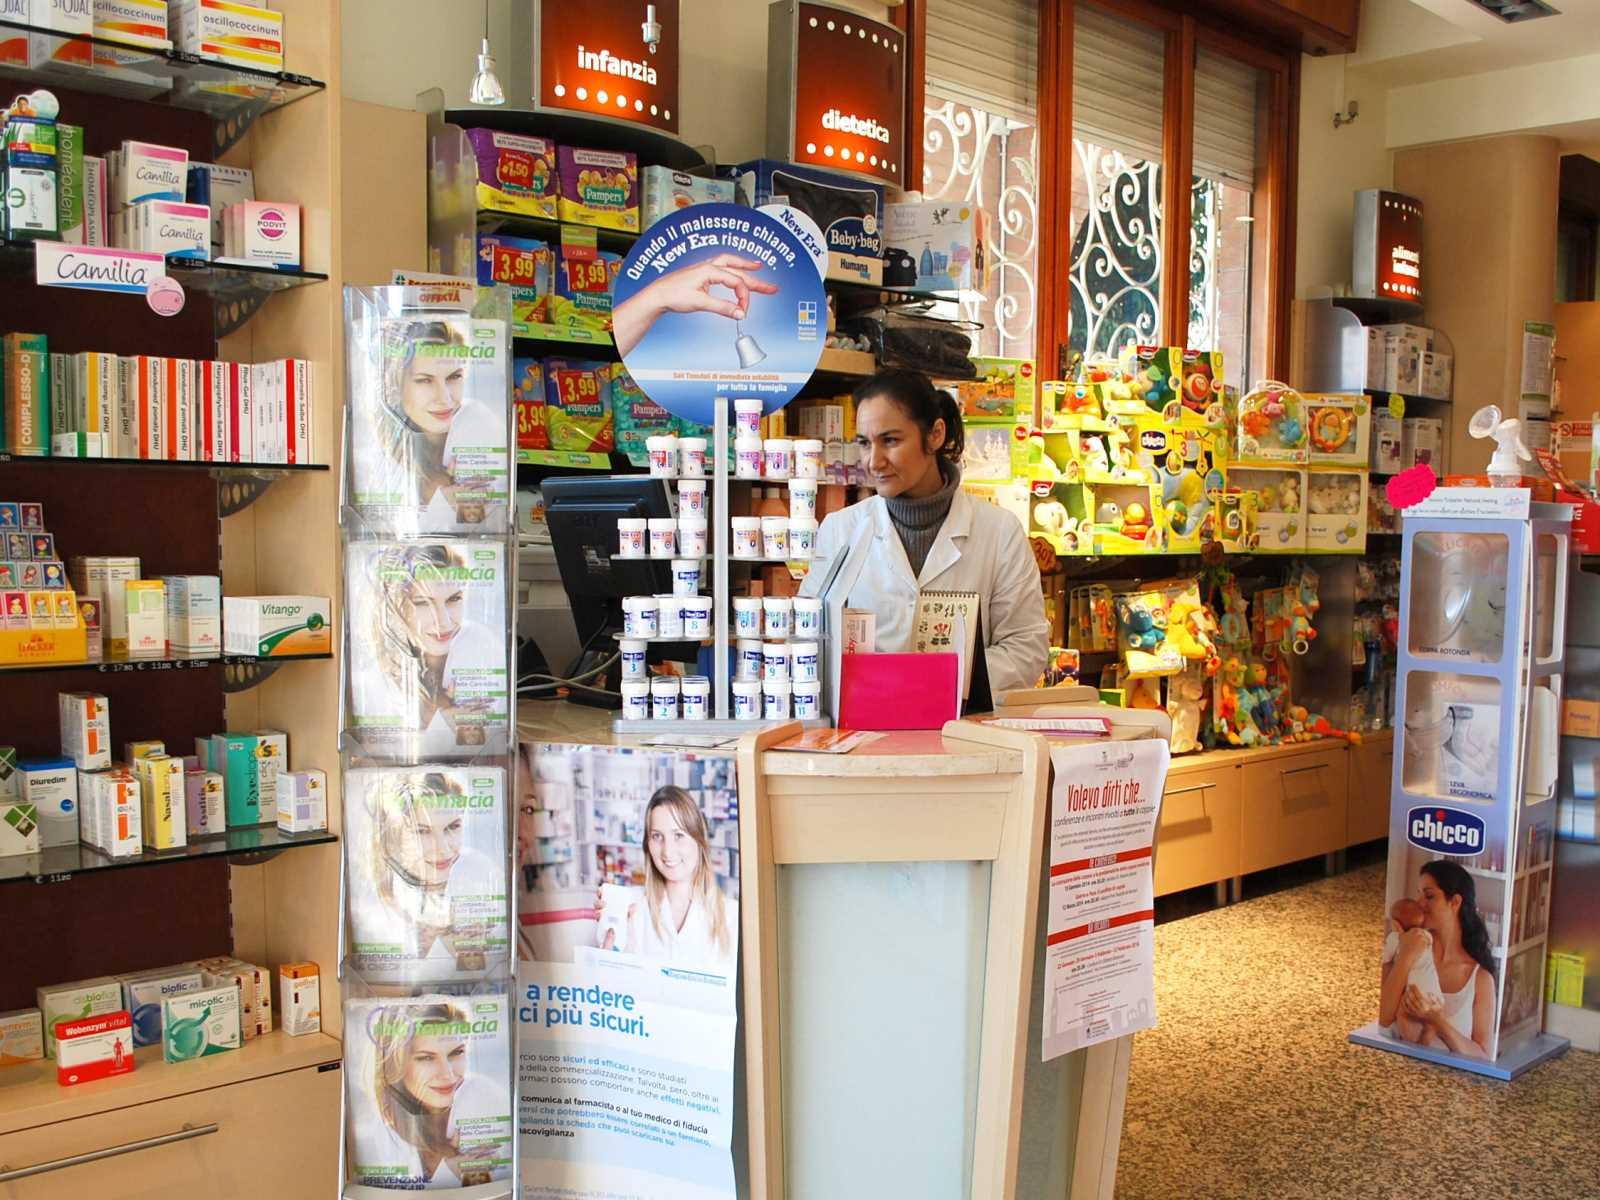 prodotti-fitoterapia-omeopatia-modena-farmacia-montale